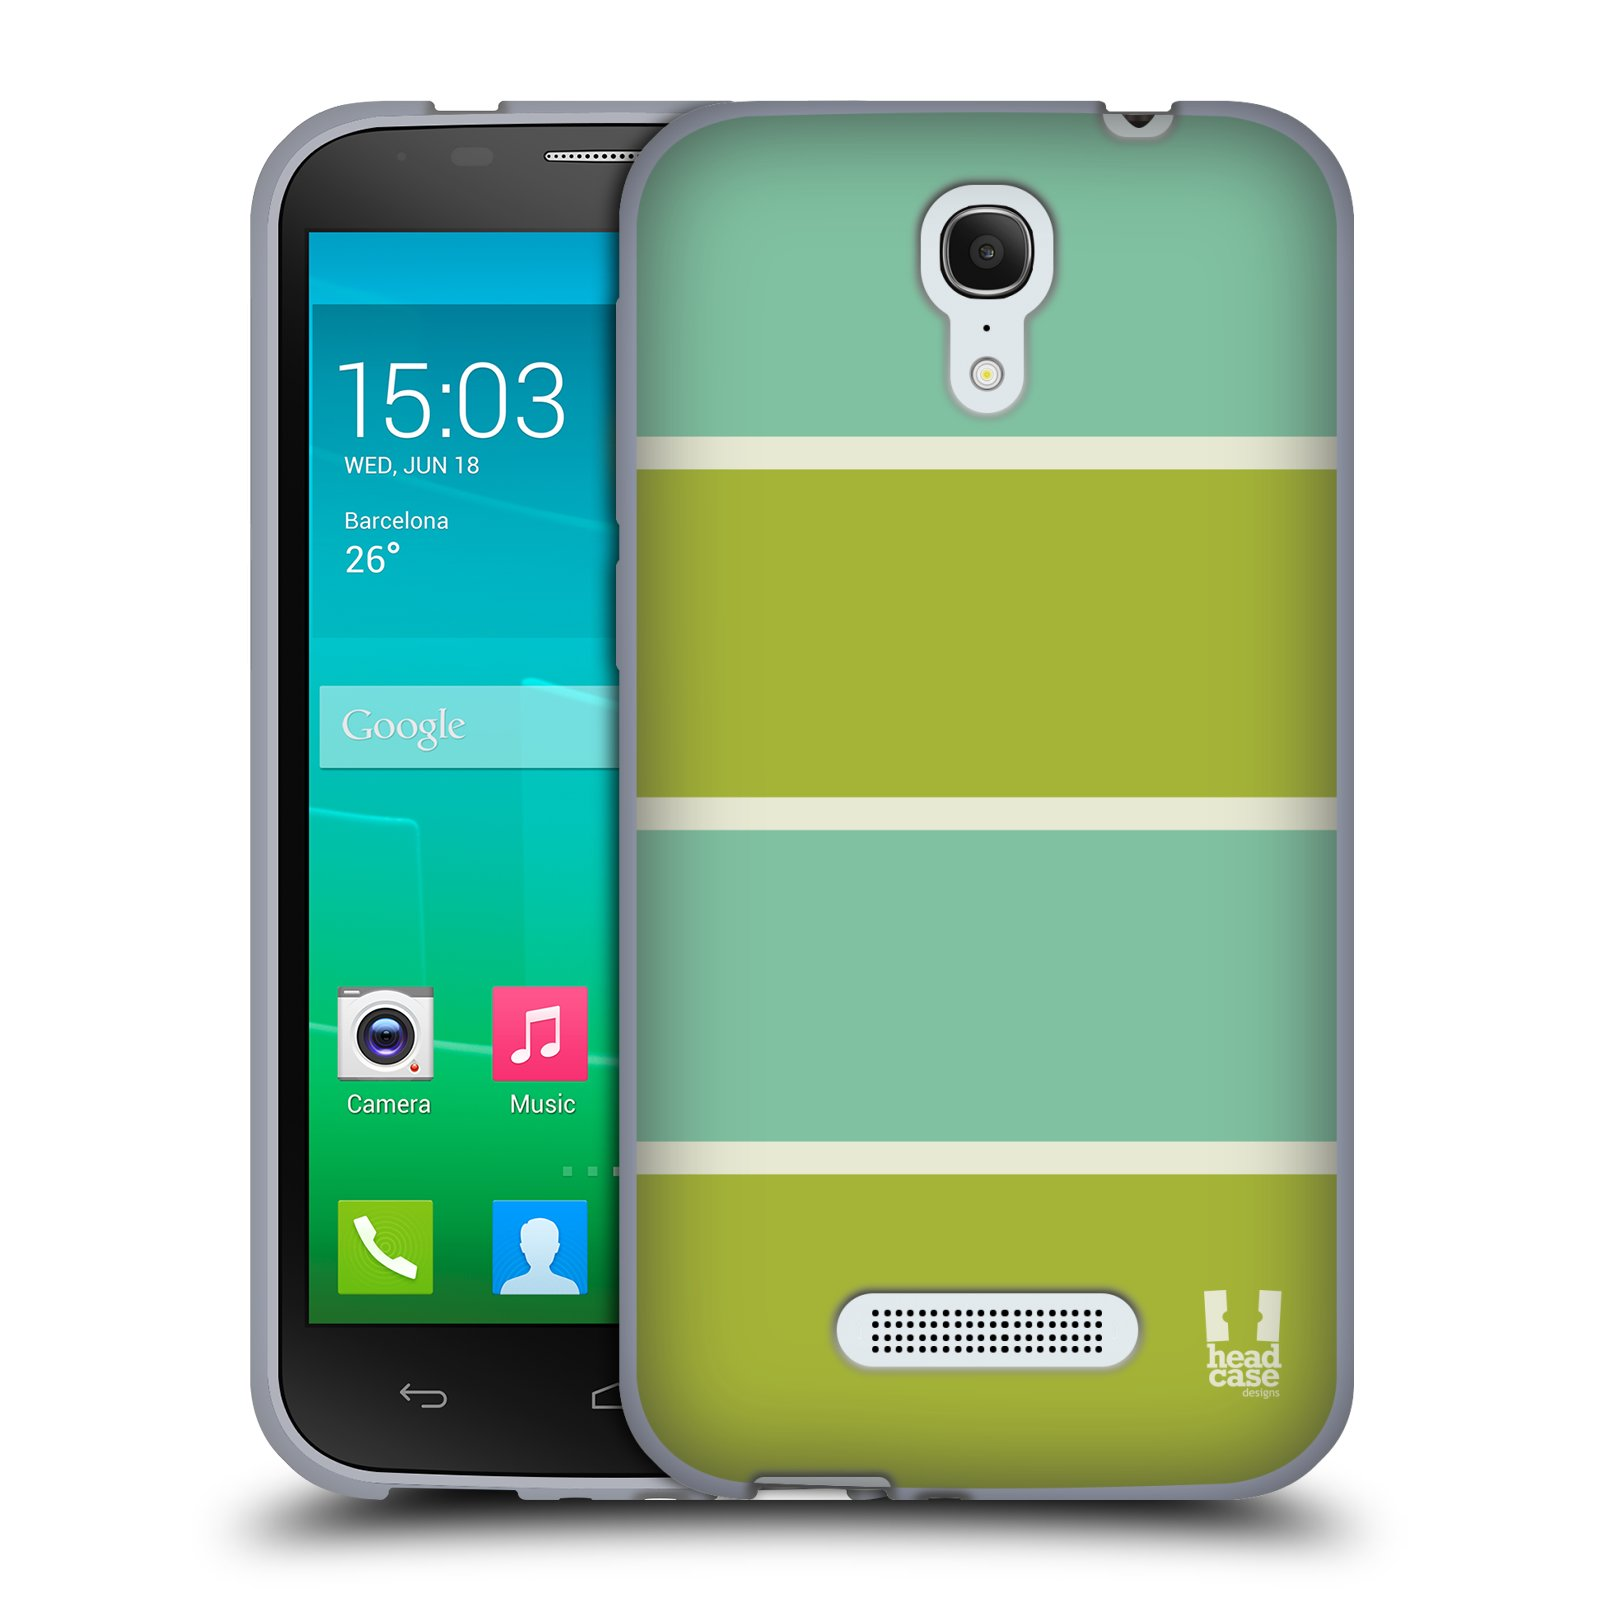 HEAD CASE silikonový obal na mobil Alcatel POP S7 vzor Barevné proužky ZELENÁ A TYRKYSOVÁ